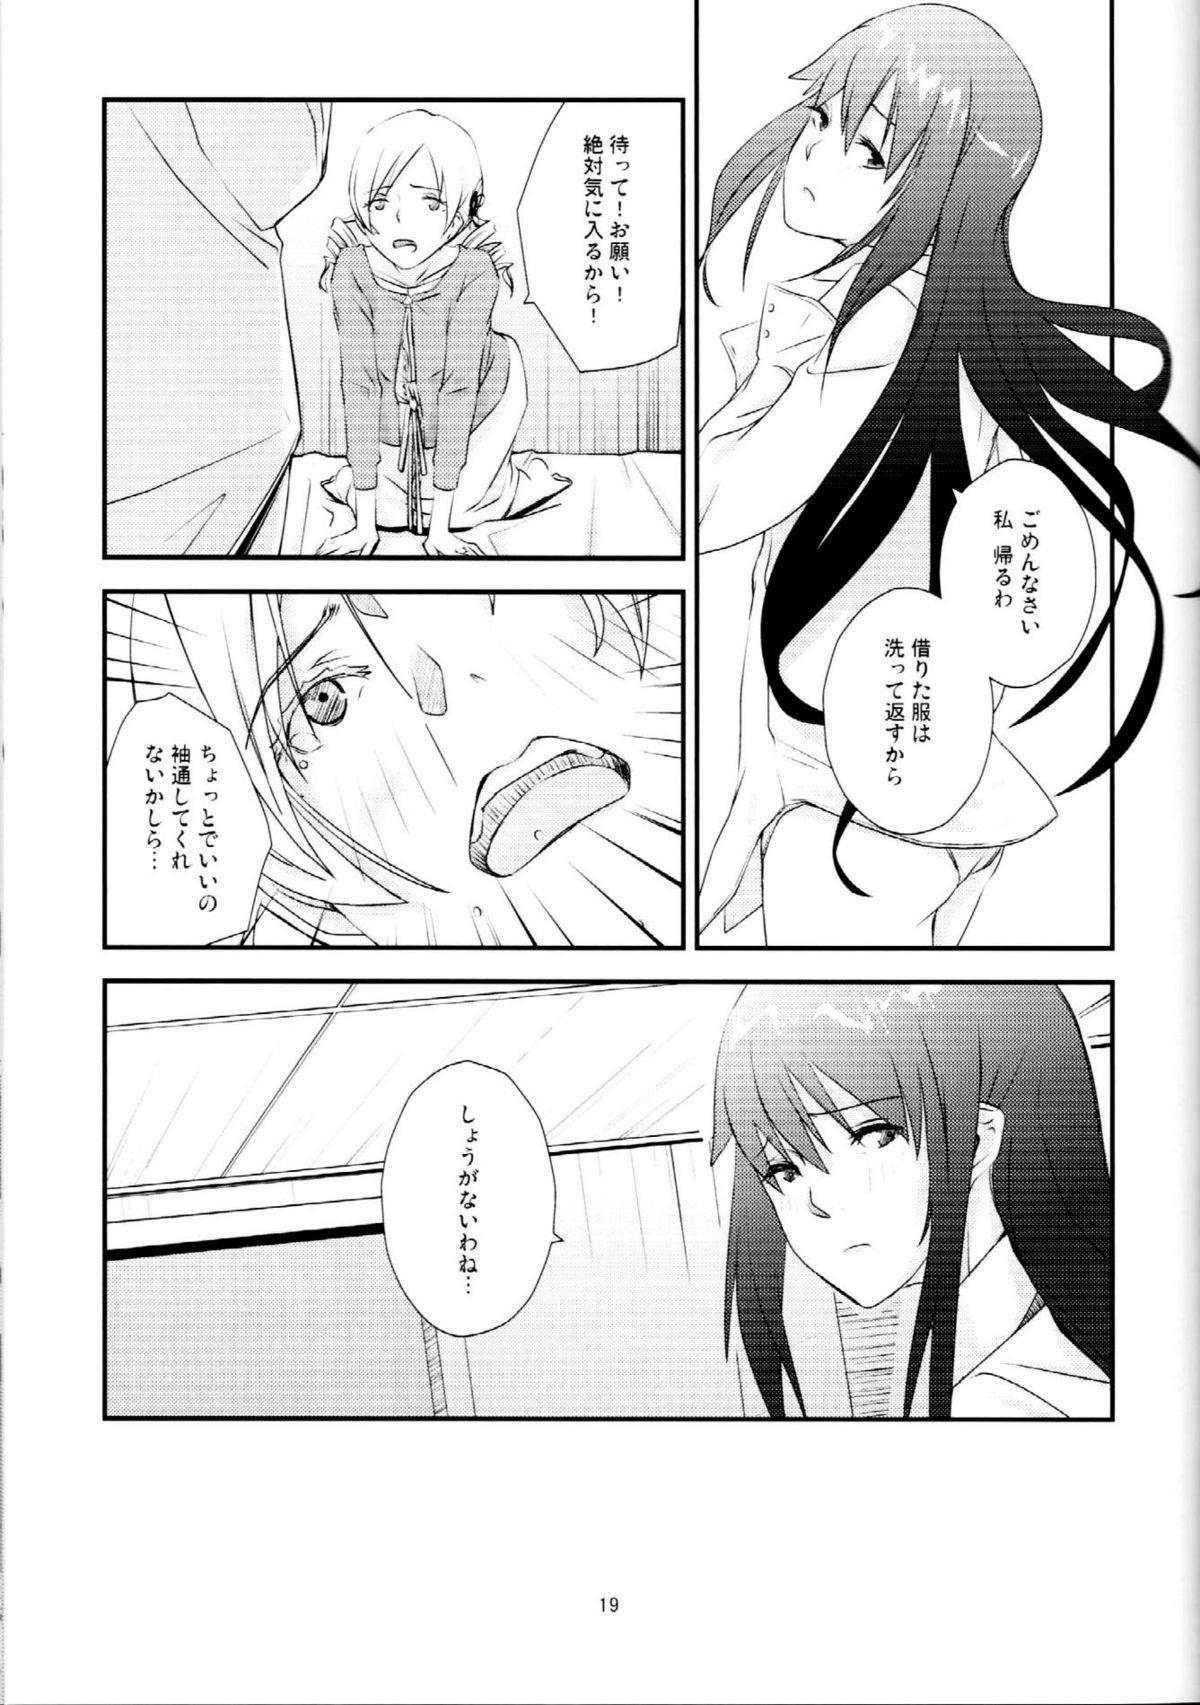 Kuroneko to Shoujo 17